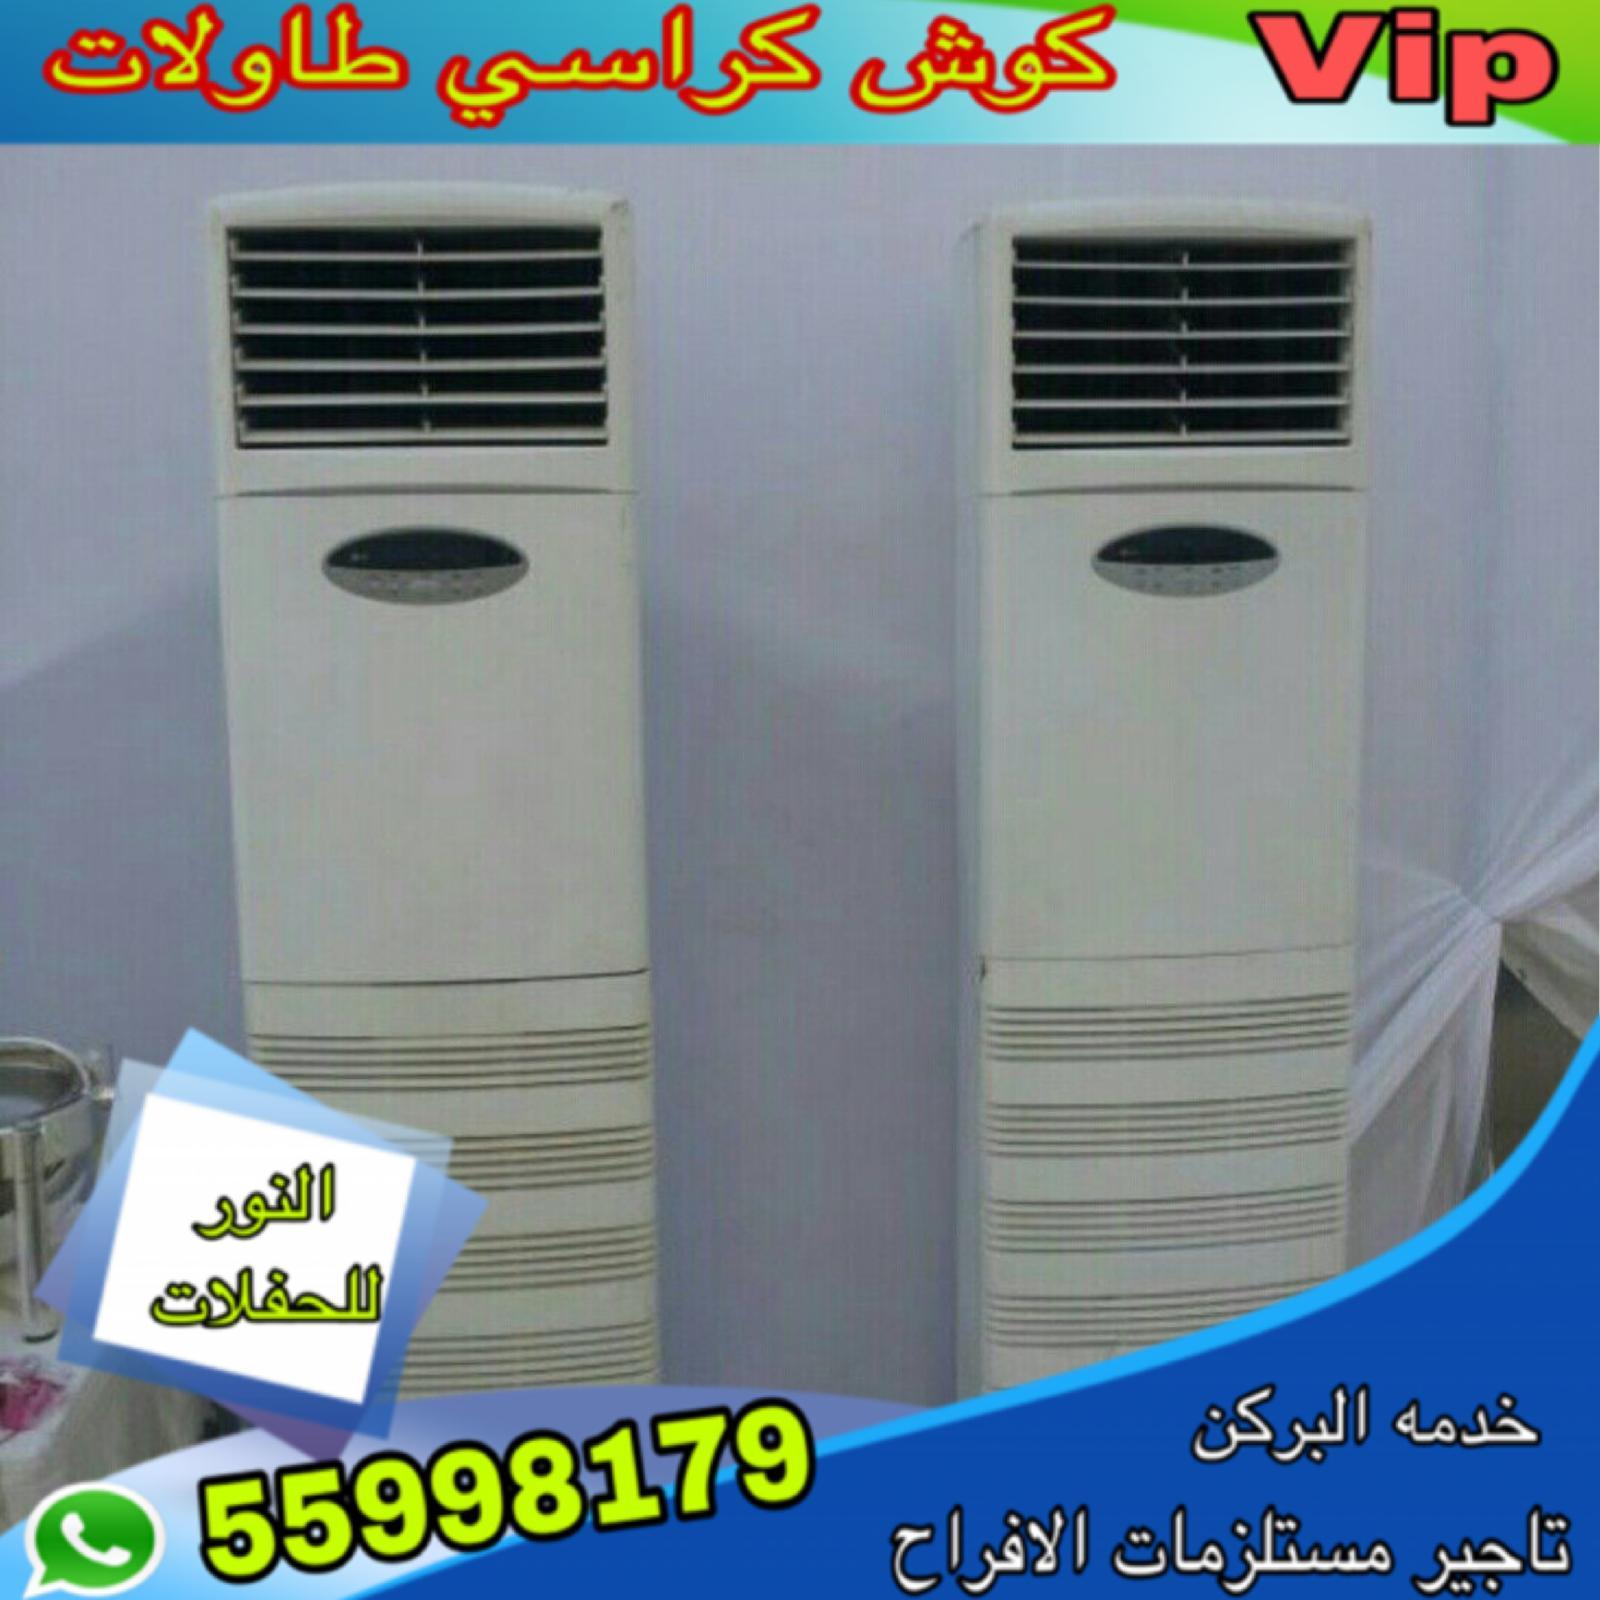 تاجير مكيفات الكويت